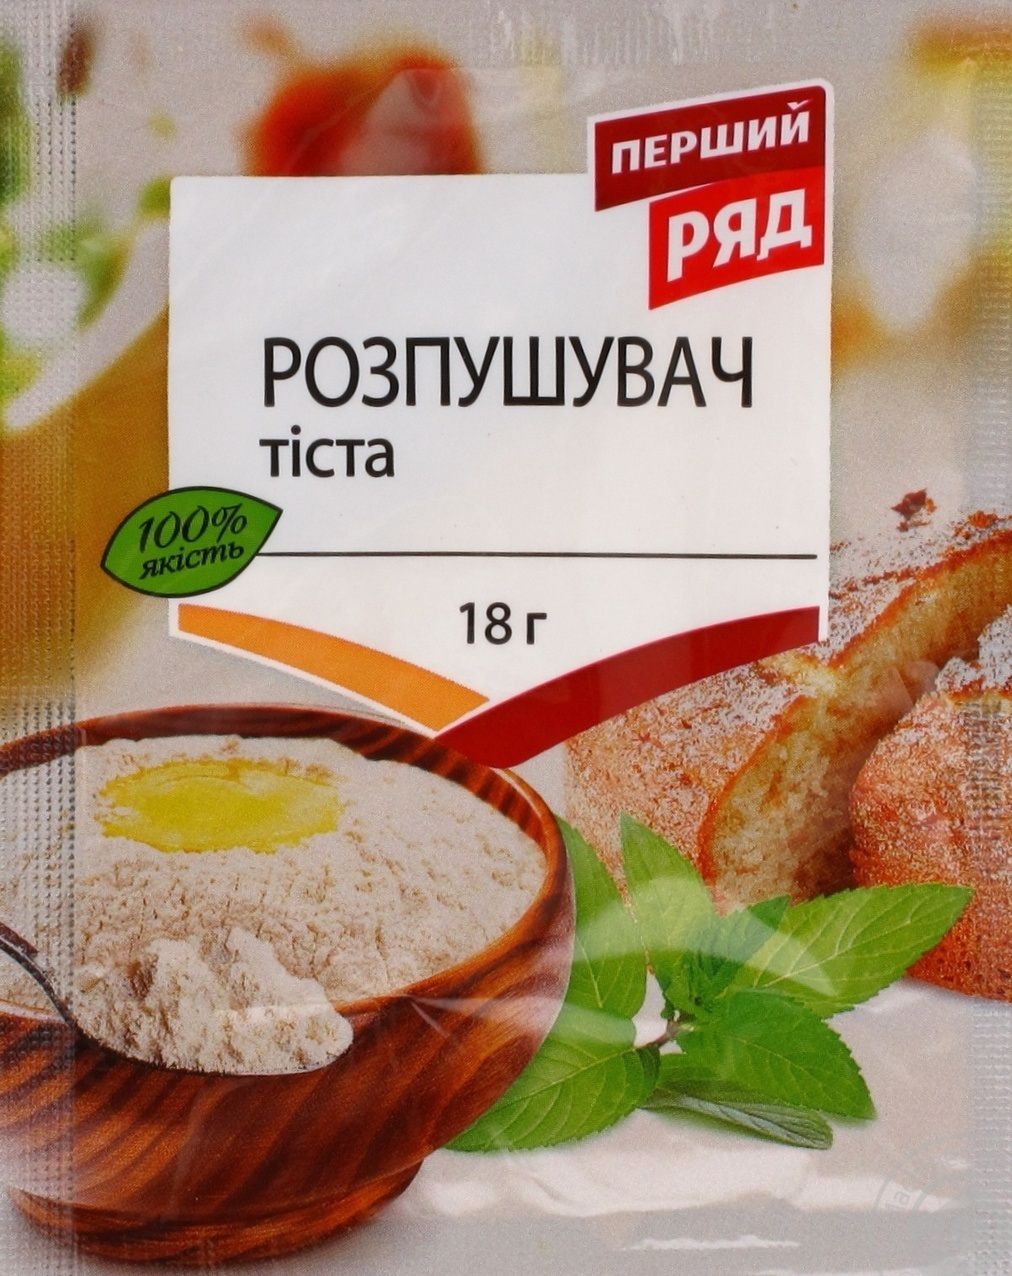 Разрыхлитель | Сода или разрыхлитель | Блог | Торт на заказ от Натали